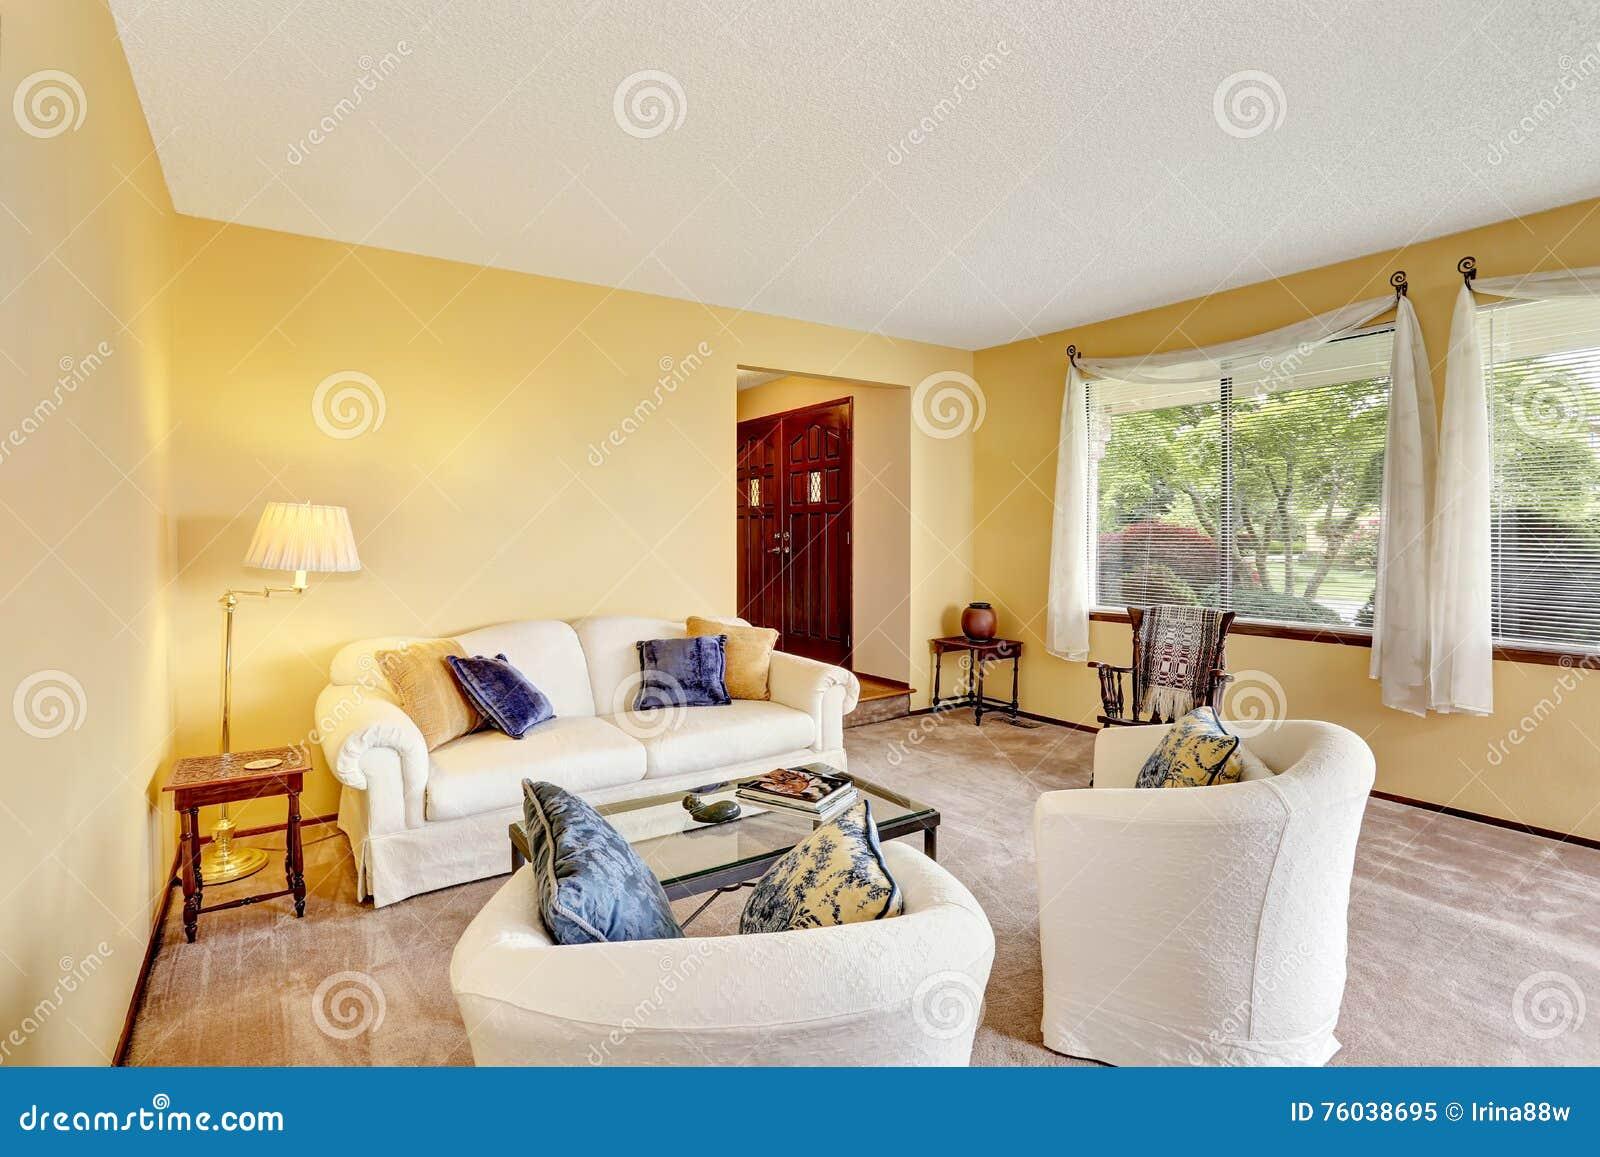 Parete Gialla E Verde : Salone accogliente con le pareti giallo chiaro e la